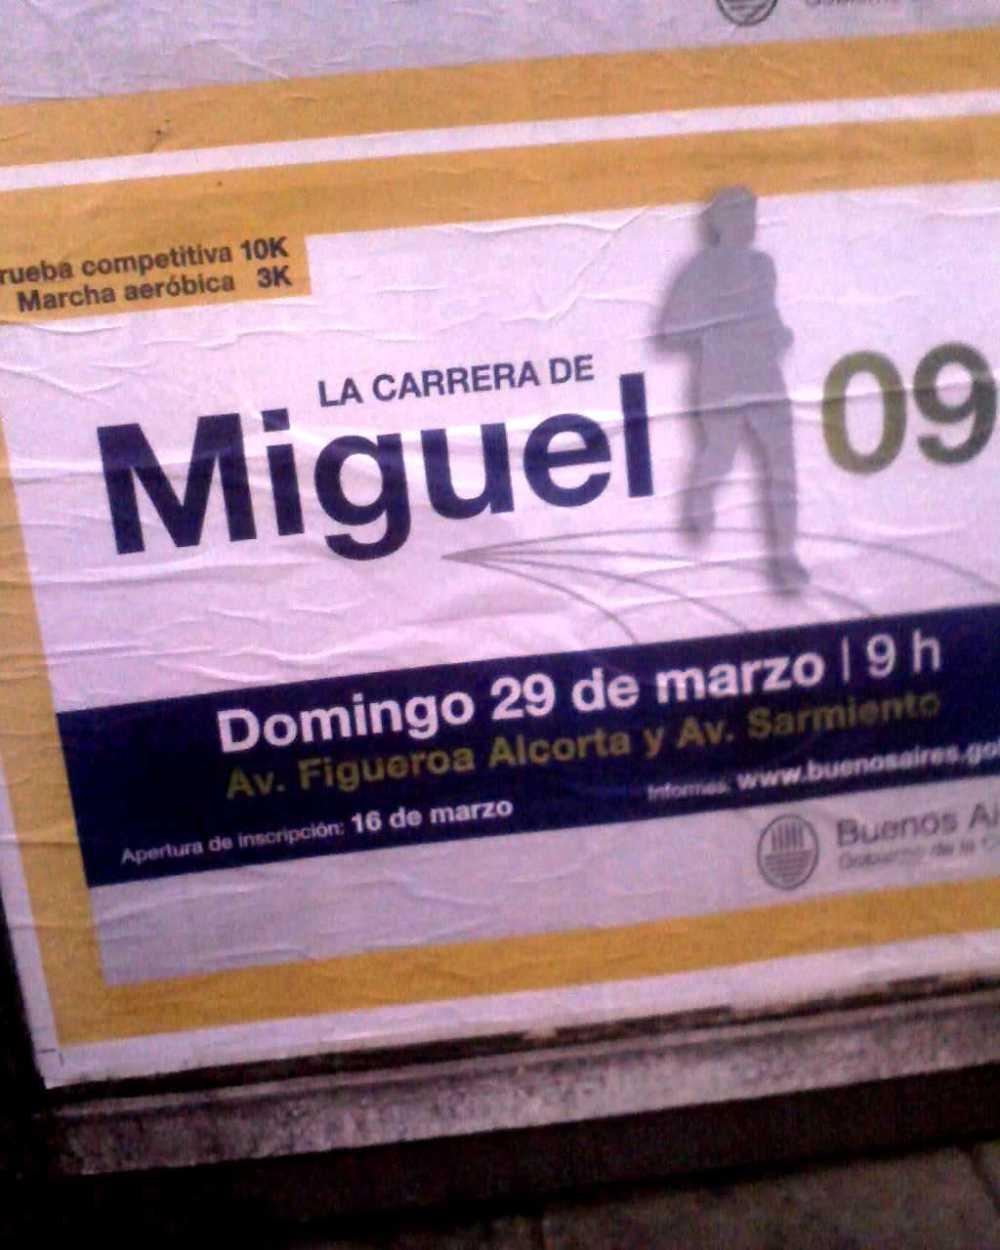 miguel-maraton20-03-09_1918